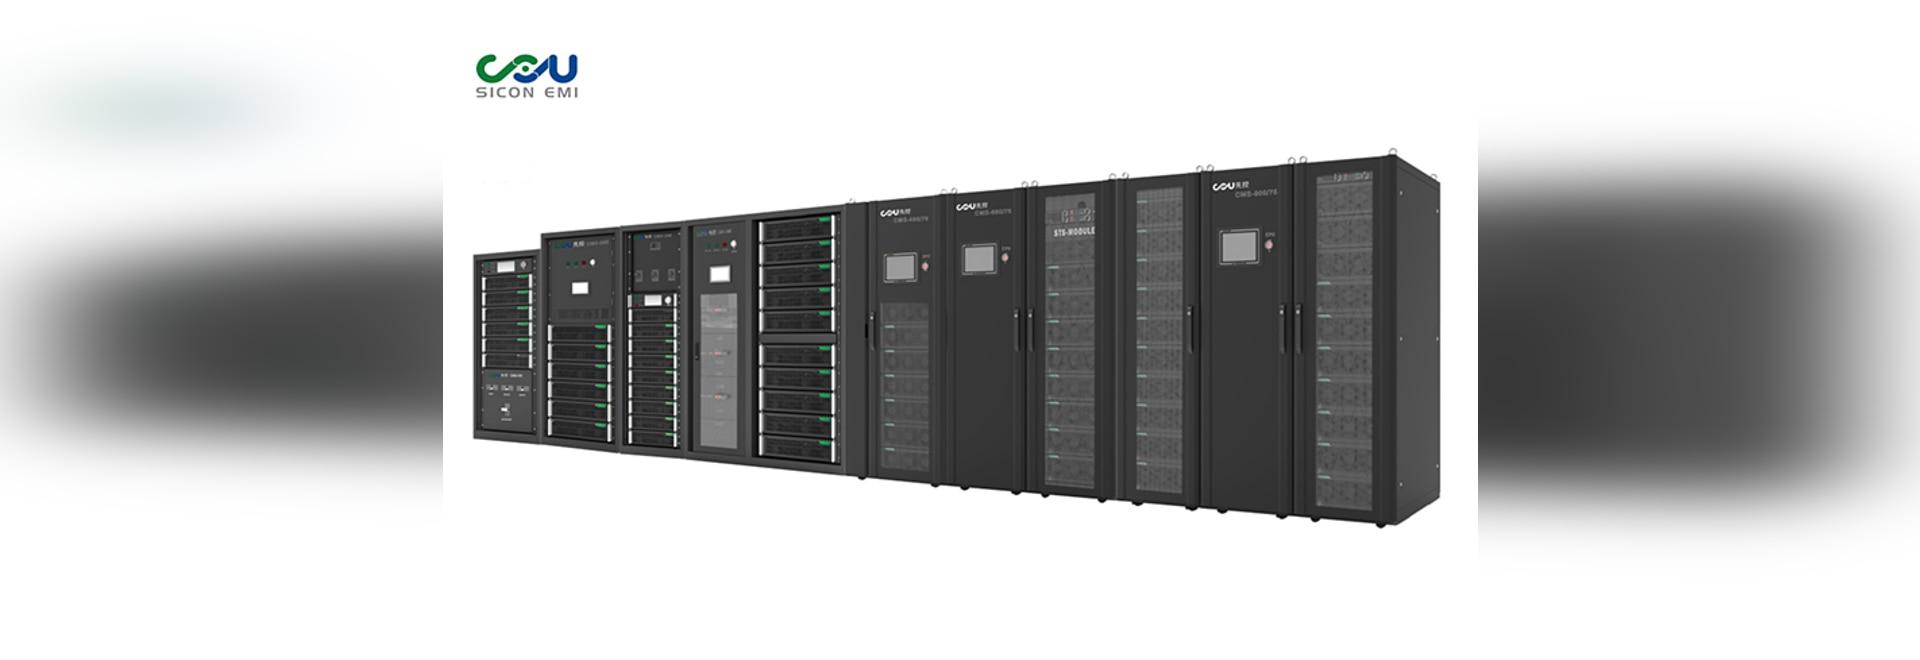 Produktankündigung_Teil 3 900kW Modular UPS-Sicon CEO-Interview